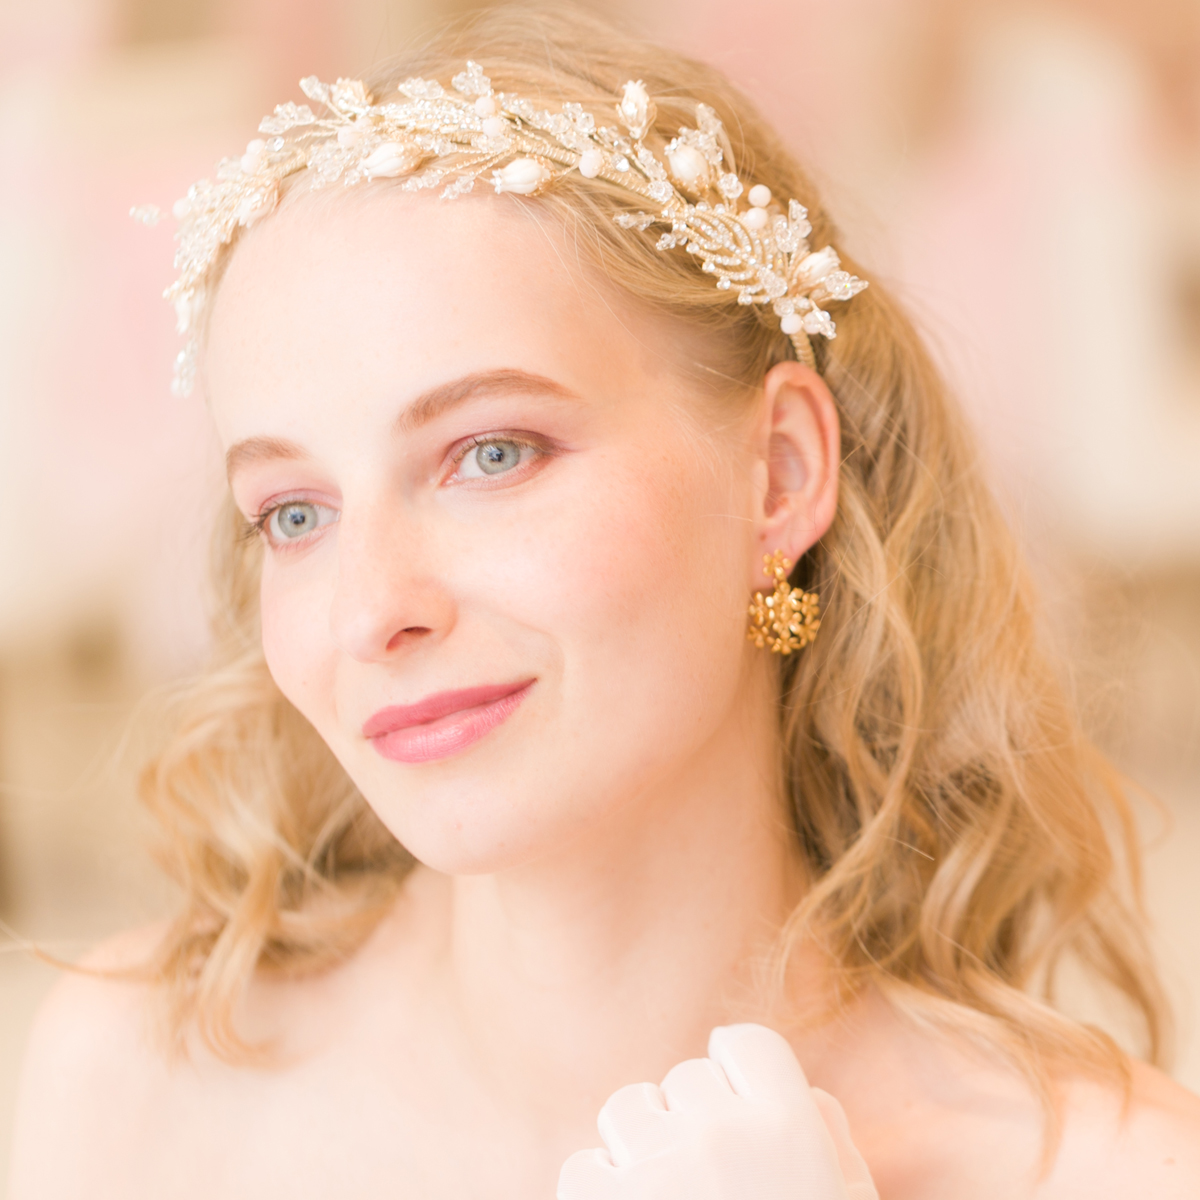 花嫁様の表情を明るく見せるような澄みきった輝き!